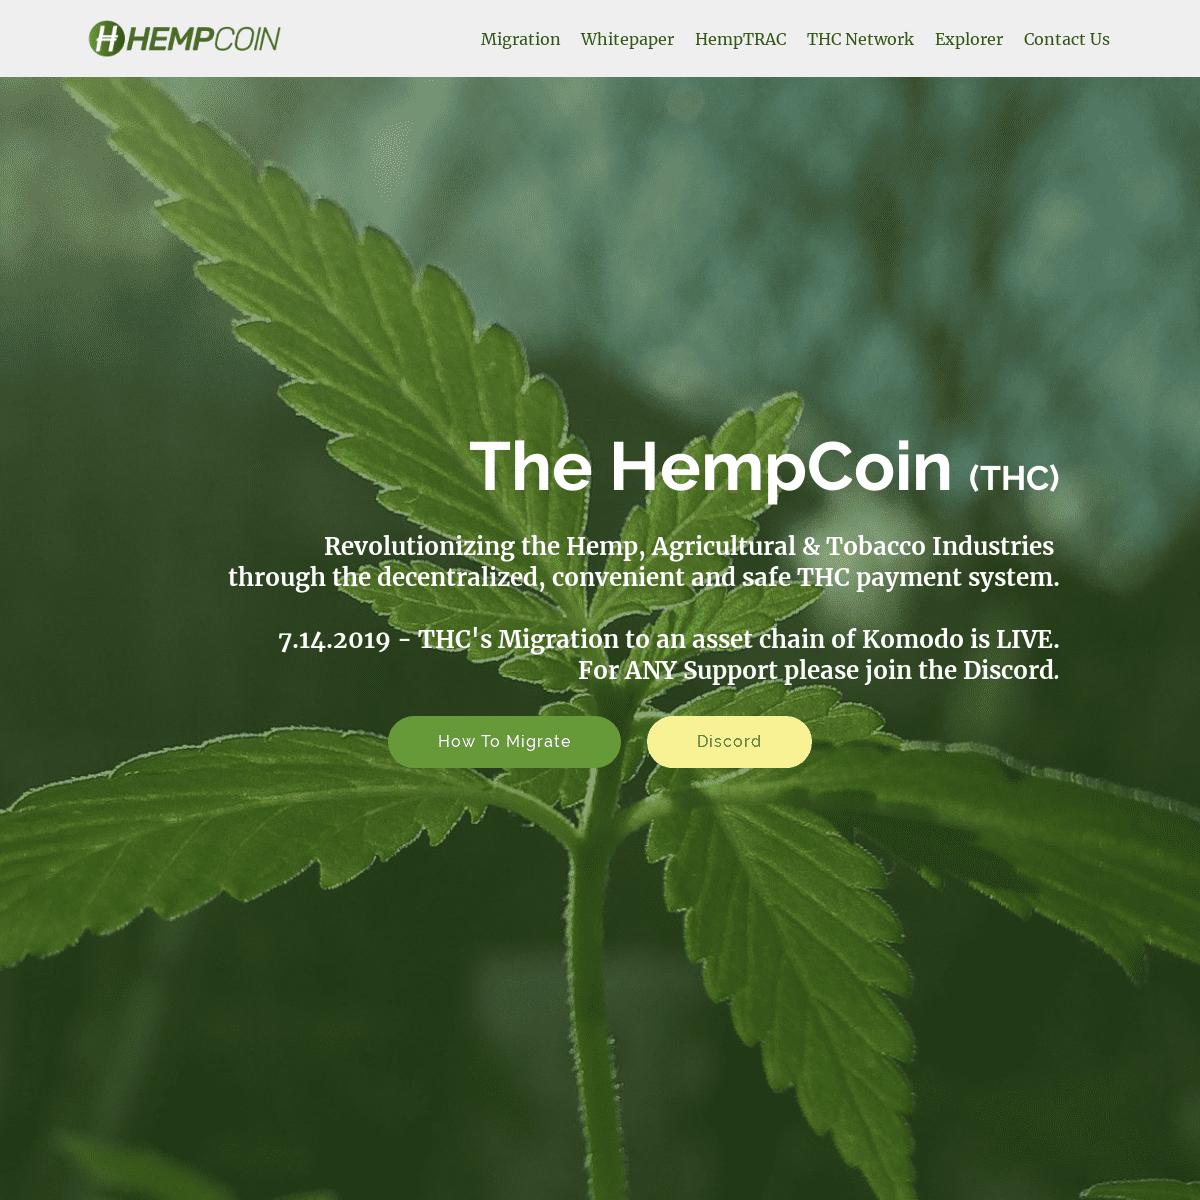 ArchiveBay.com - hempcoin.org - The HempCoin (THC)